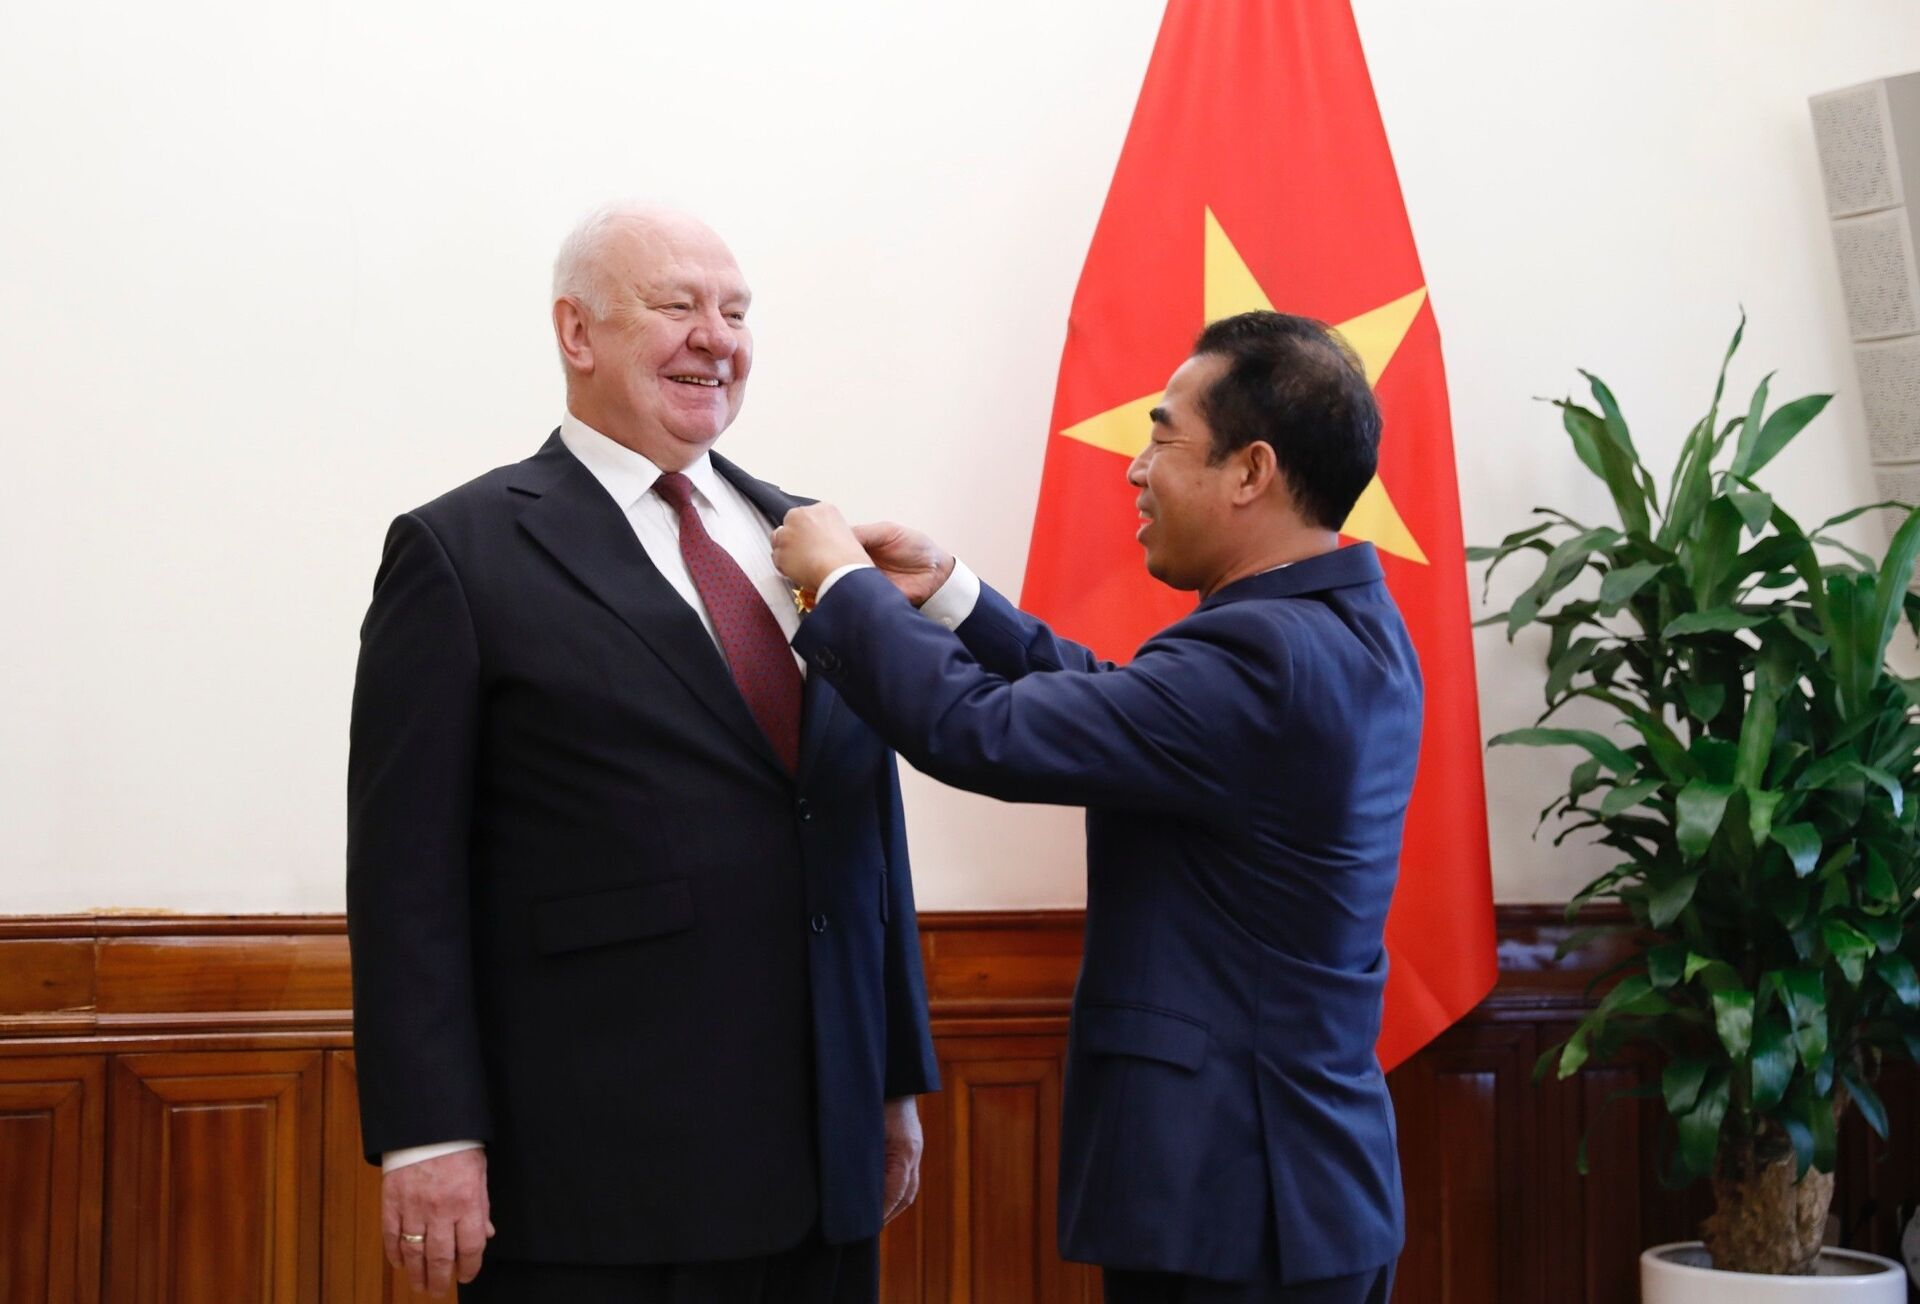 Tổng thống Putin bổ nhiệm tân Đại sứ Nga tại Việt Nam - Sputnik Việt Nam, 1920, 25.03.2021